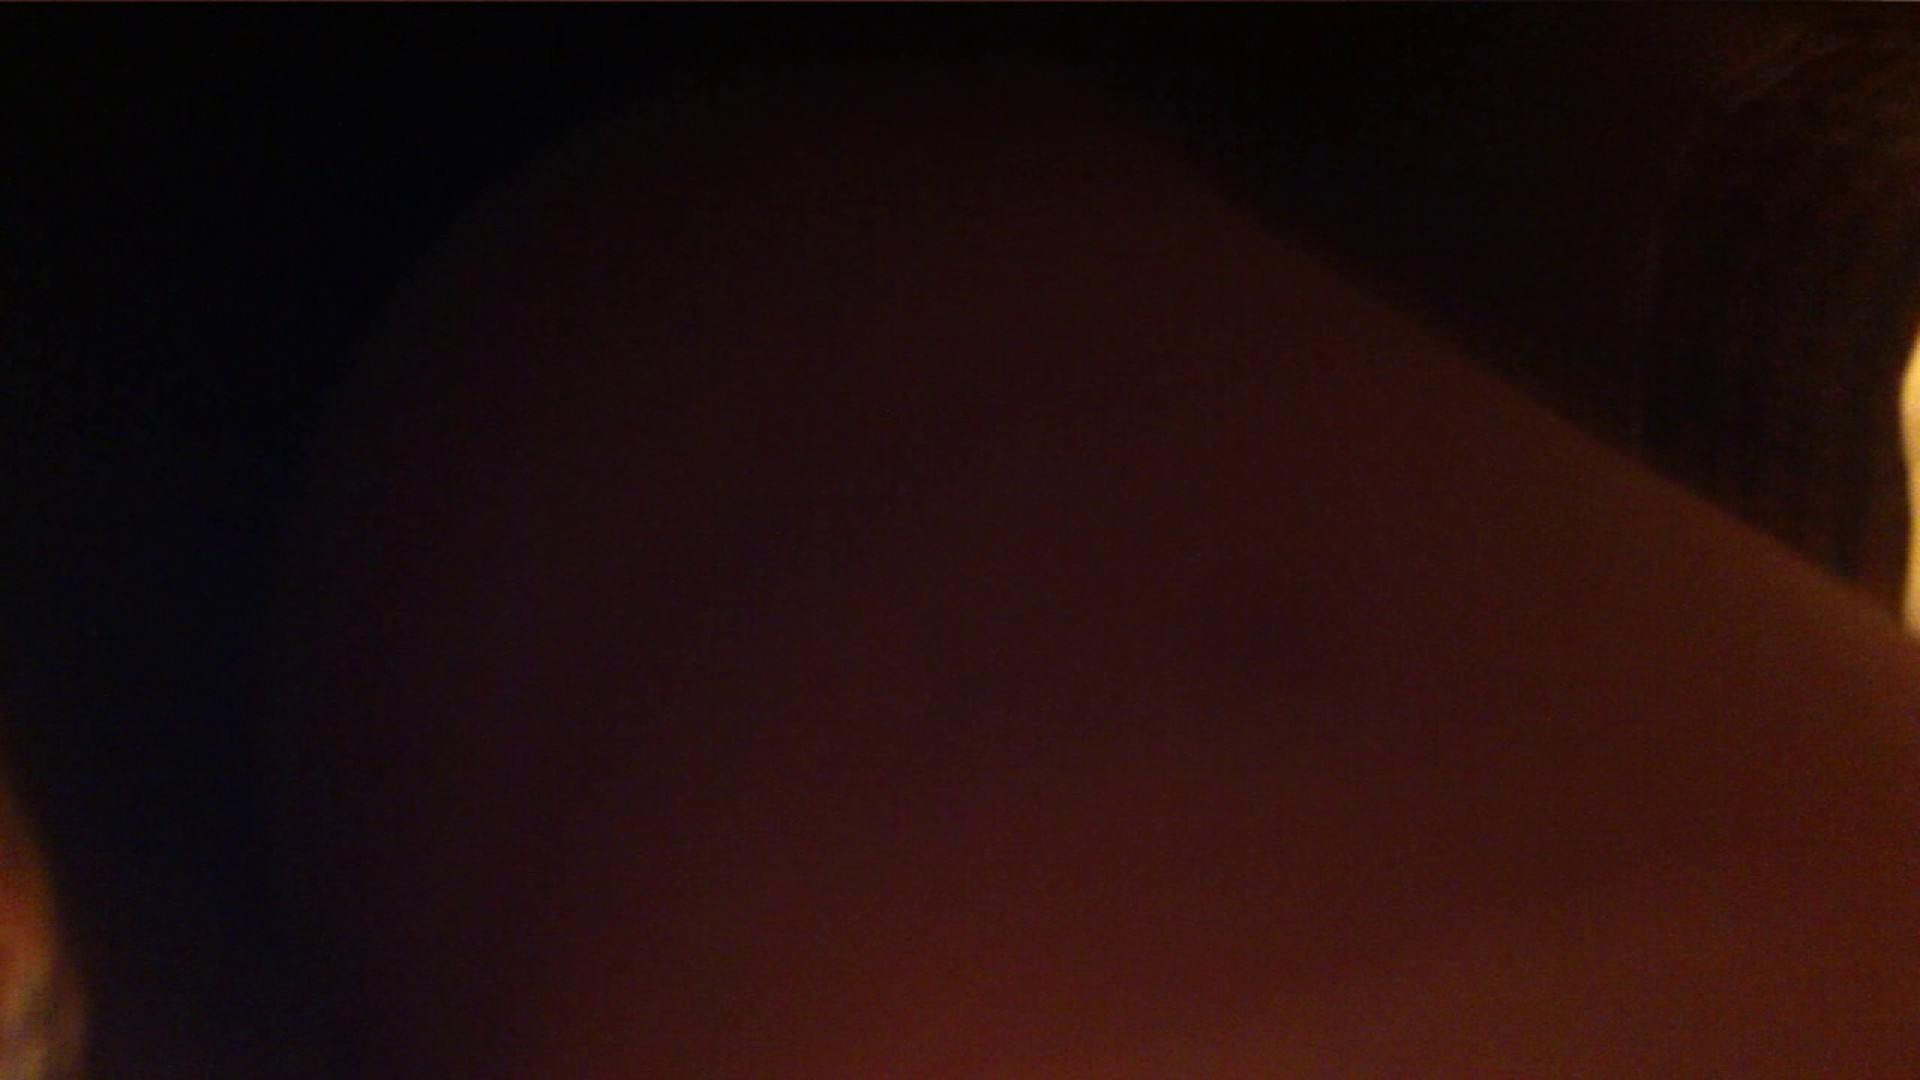 vol.34 美人アパレル胸チラ&パンチラ メガネ属性っていいよね♥ 接写 隠し撮りすけべAV動画紹介 66PICs 58